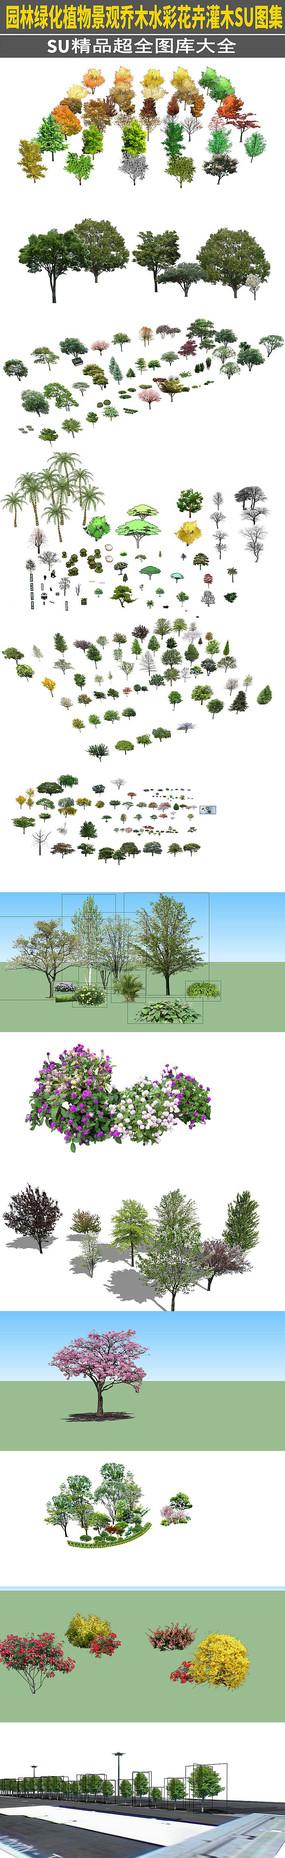 园林绿化植物景观乔木水彩花卉灌木SU模型